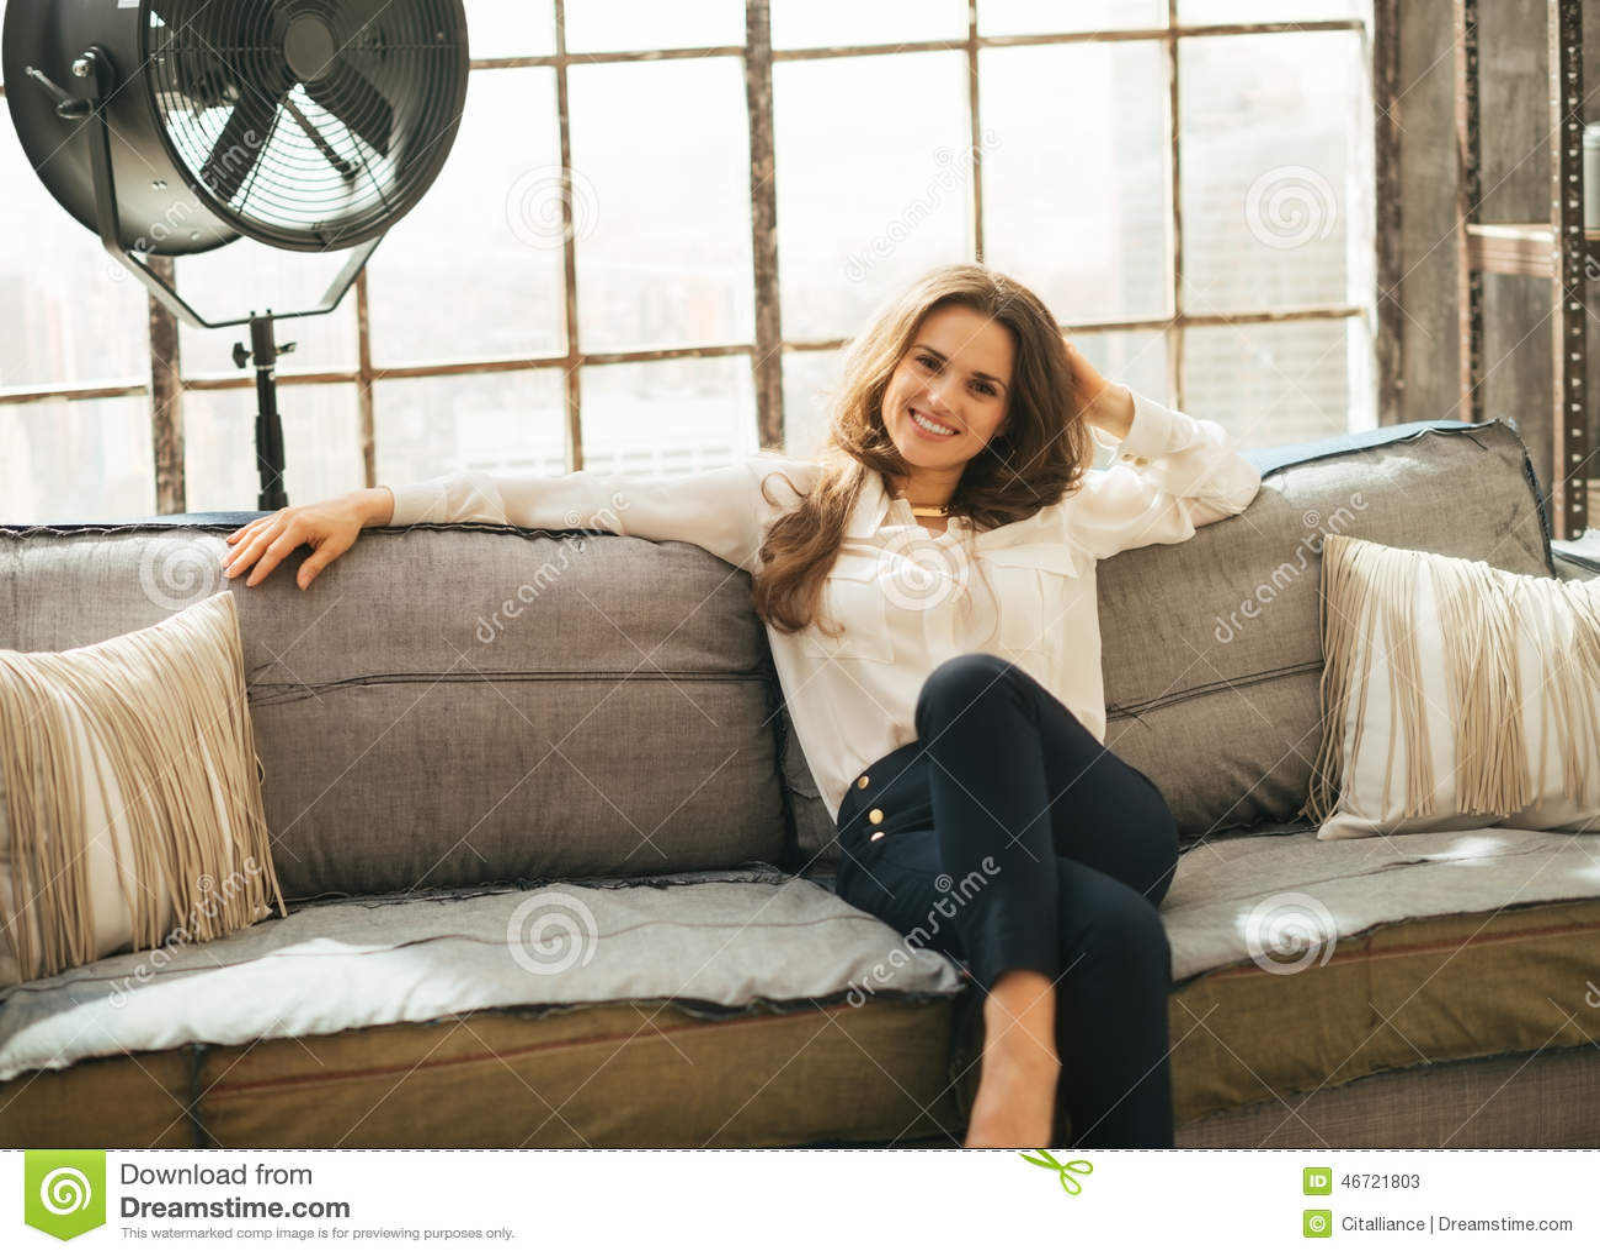 Расслабленные женщины фото 18 фотография